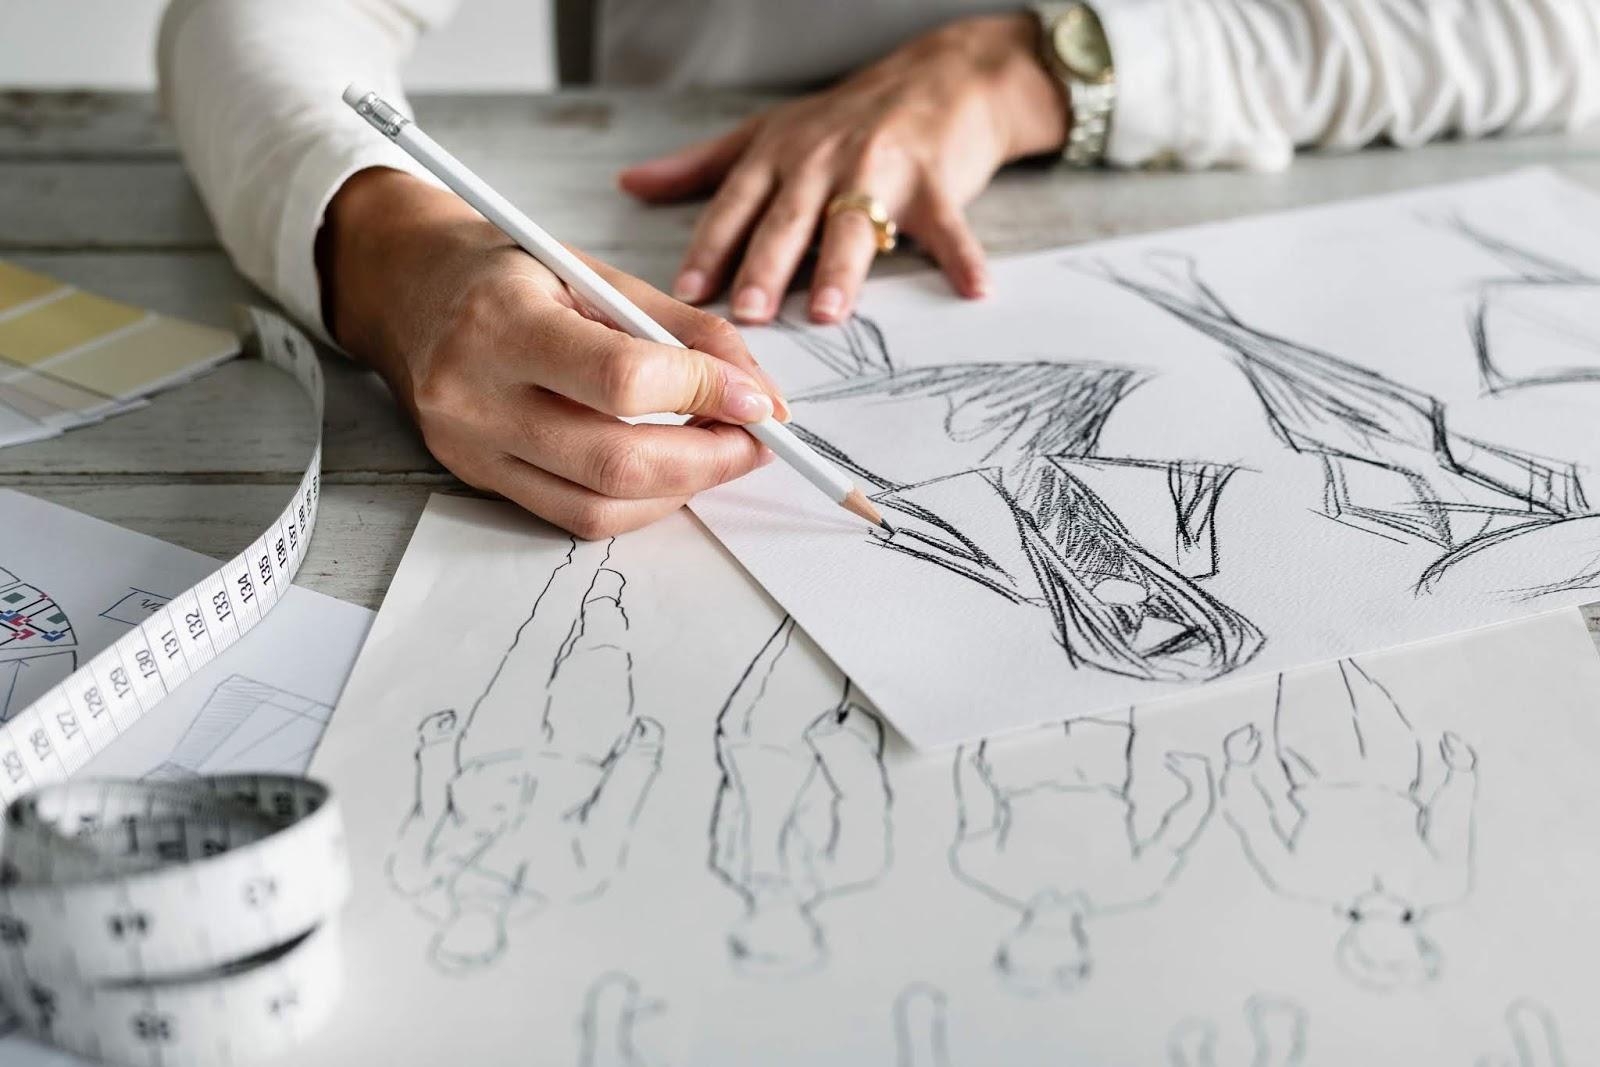 تعلم كيفية تطوير وتحسين مهارة الرسم لديك عبر خطوتين معلوماتي